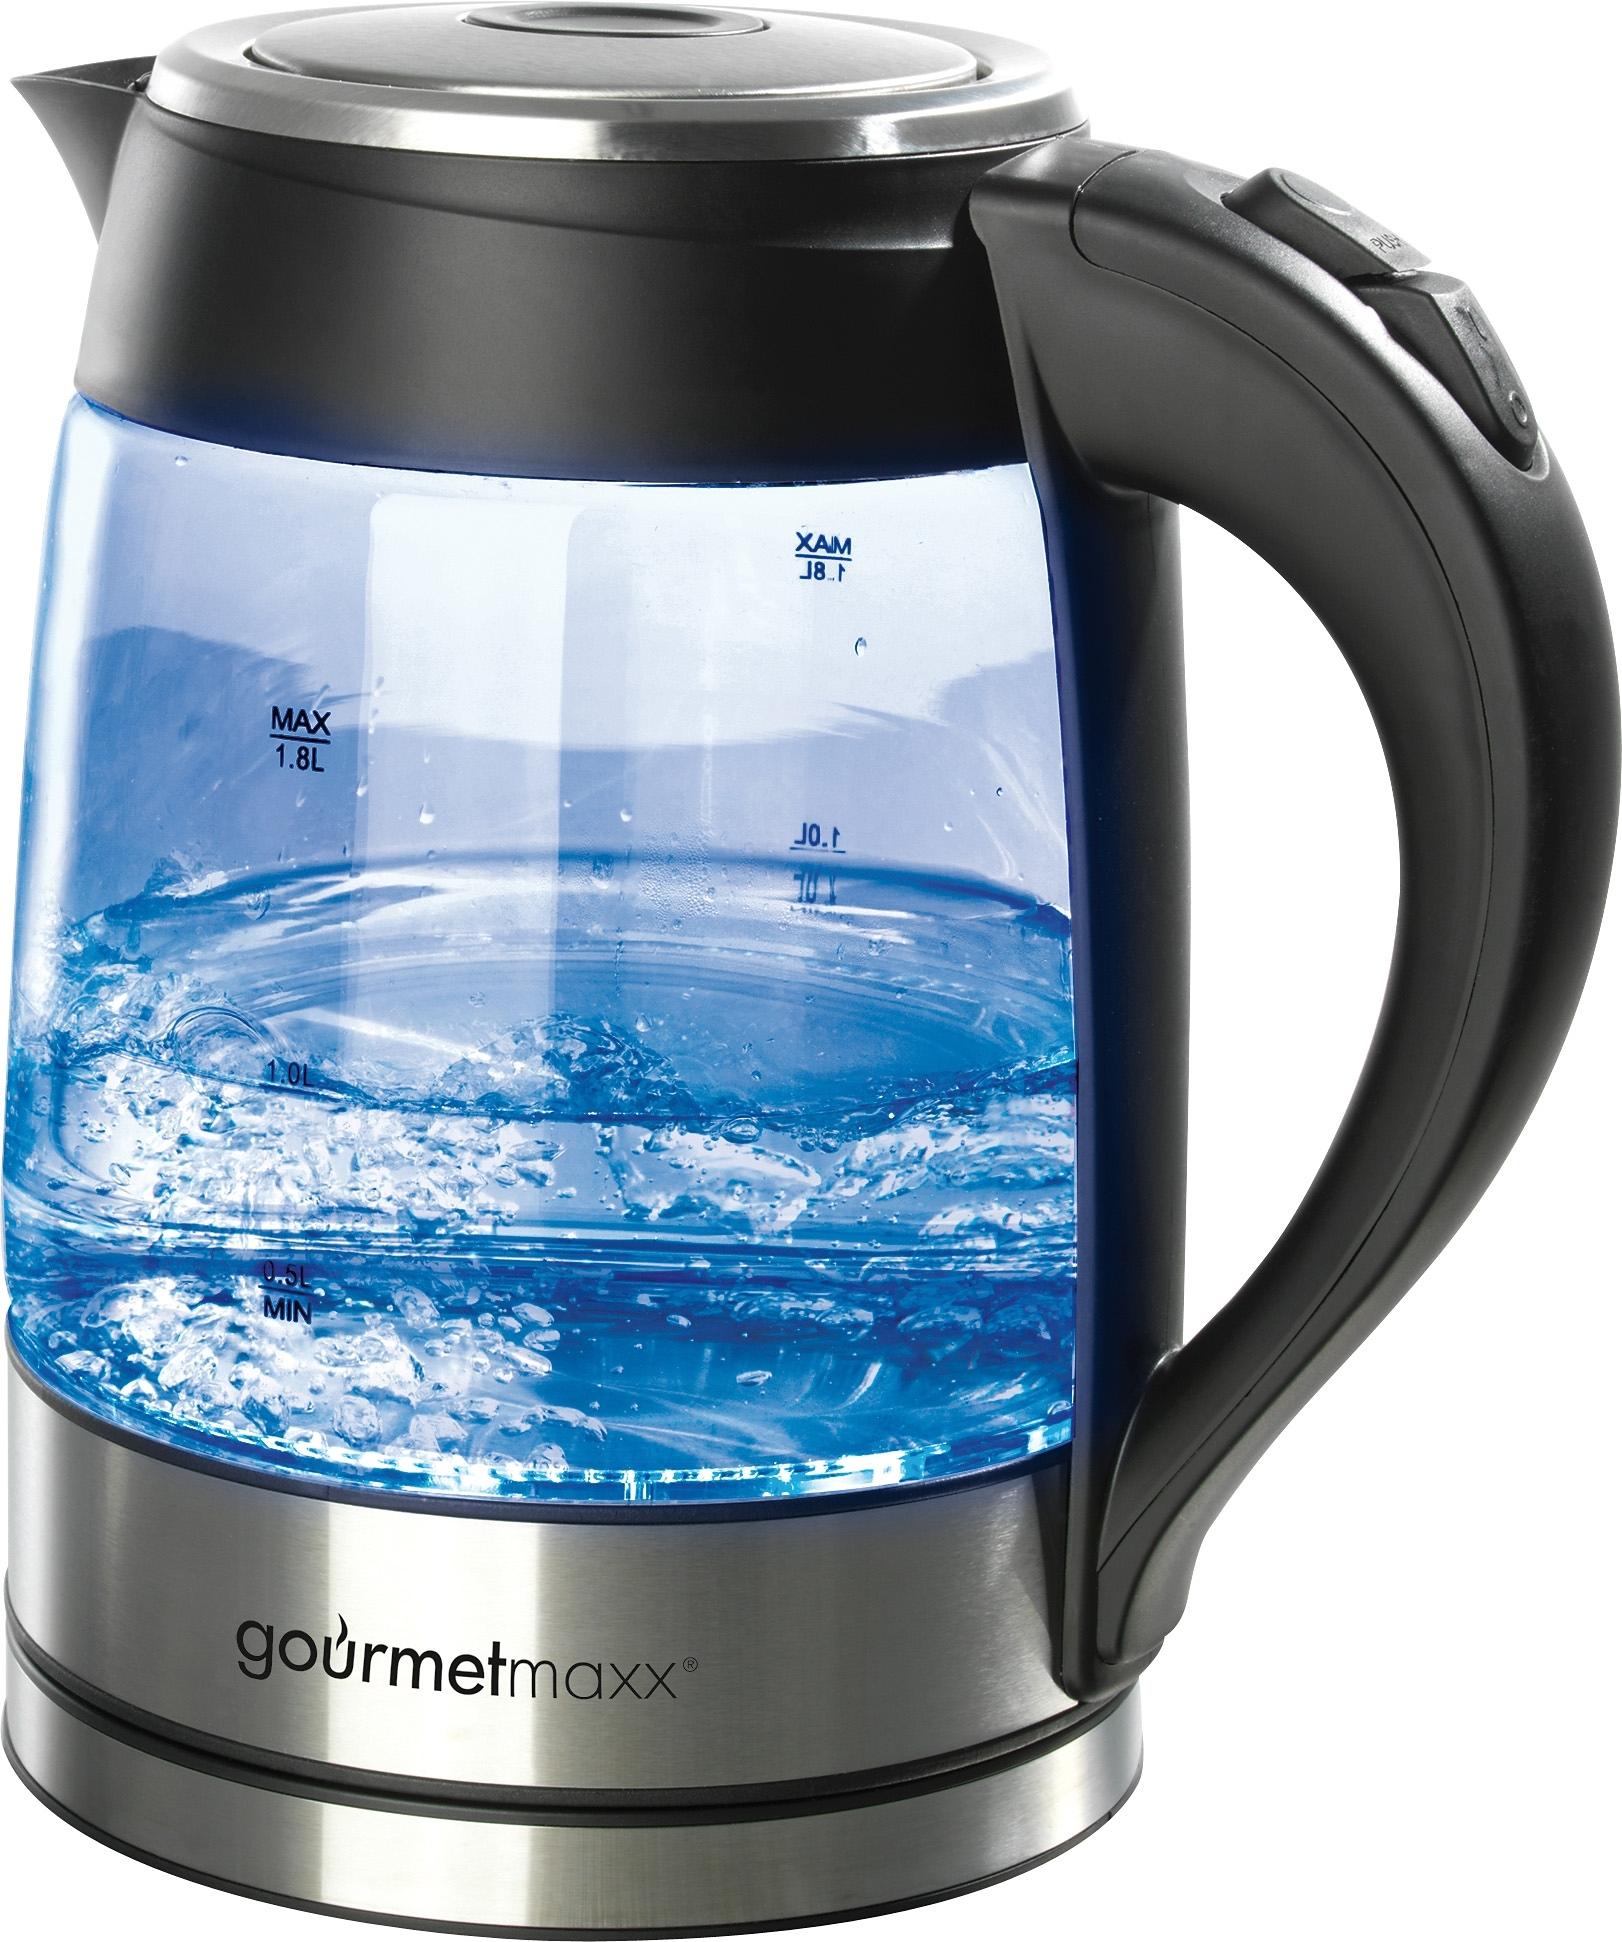 GOURMET MAXX Glazen waterkoker met LED-verlichting? Bestel nu bij | OTTO